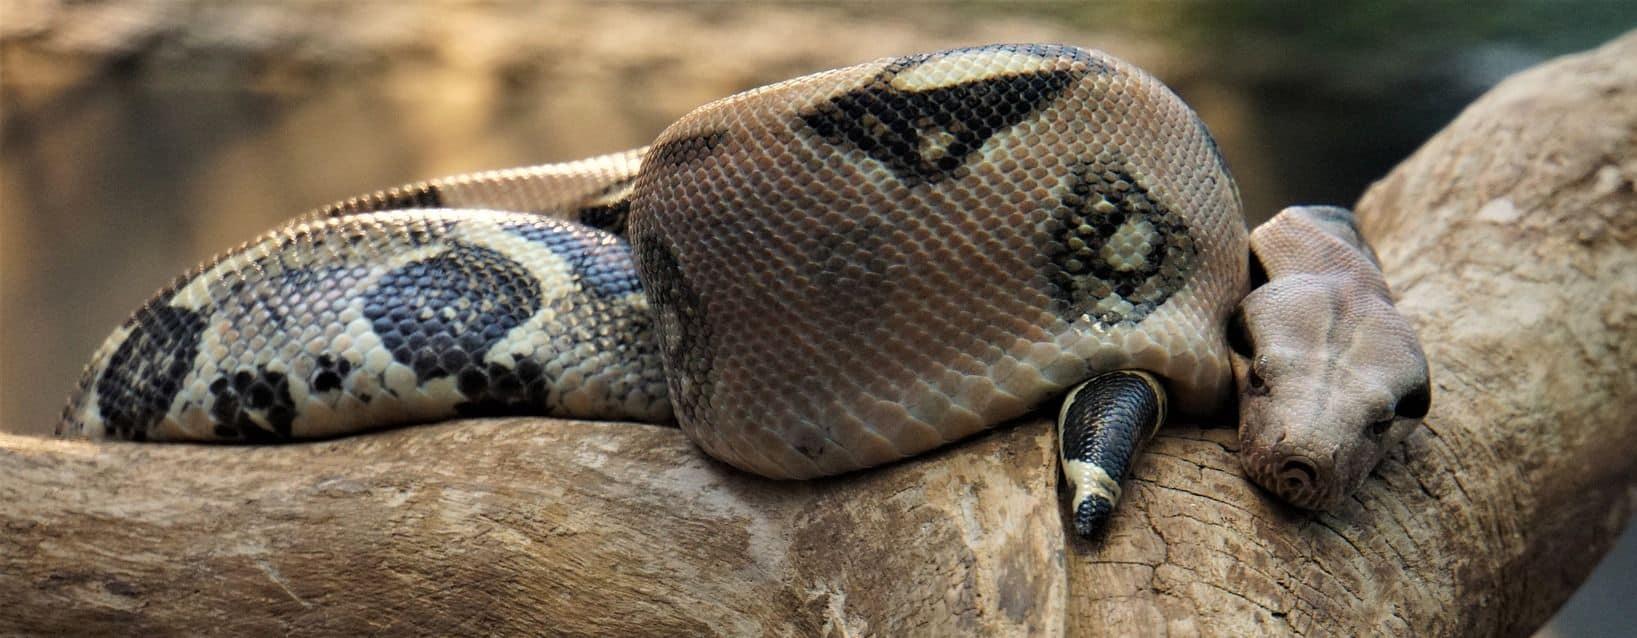 Fat snake in a tree